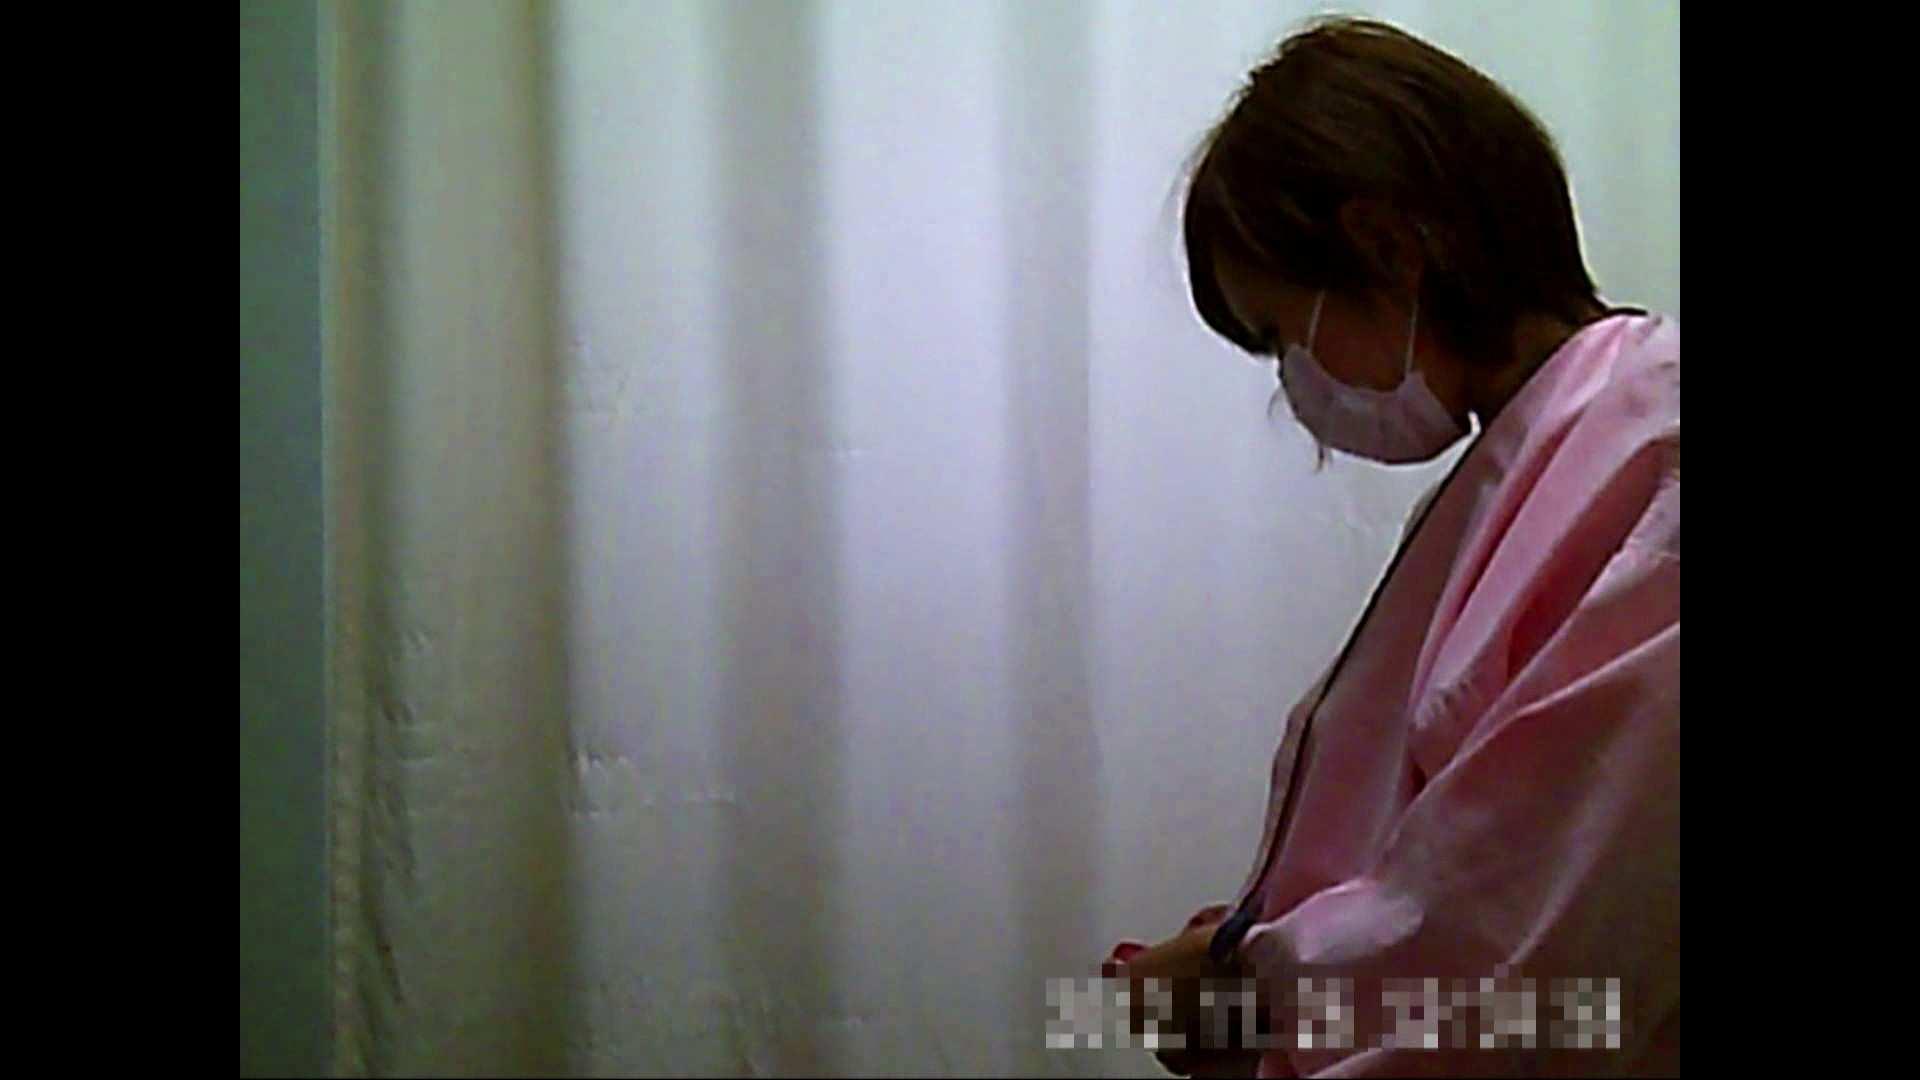 病院おもいっきり着替え! vol.159 盗撮 のぞき動画画像 106画像 65